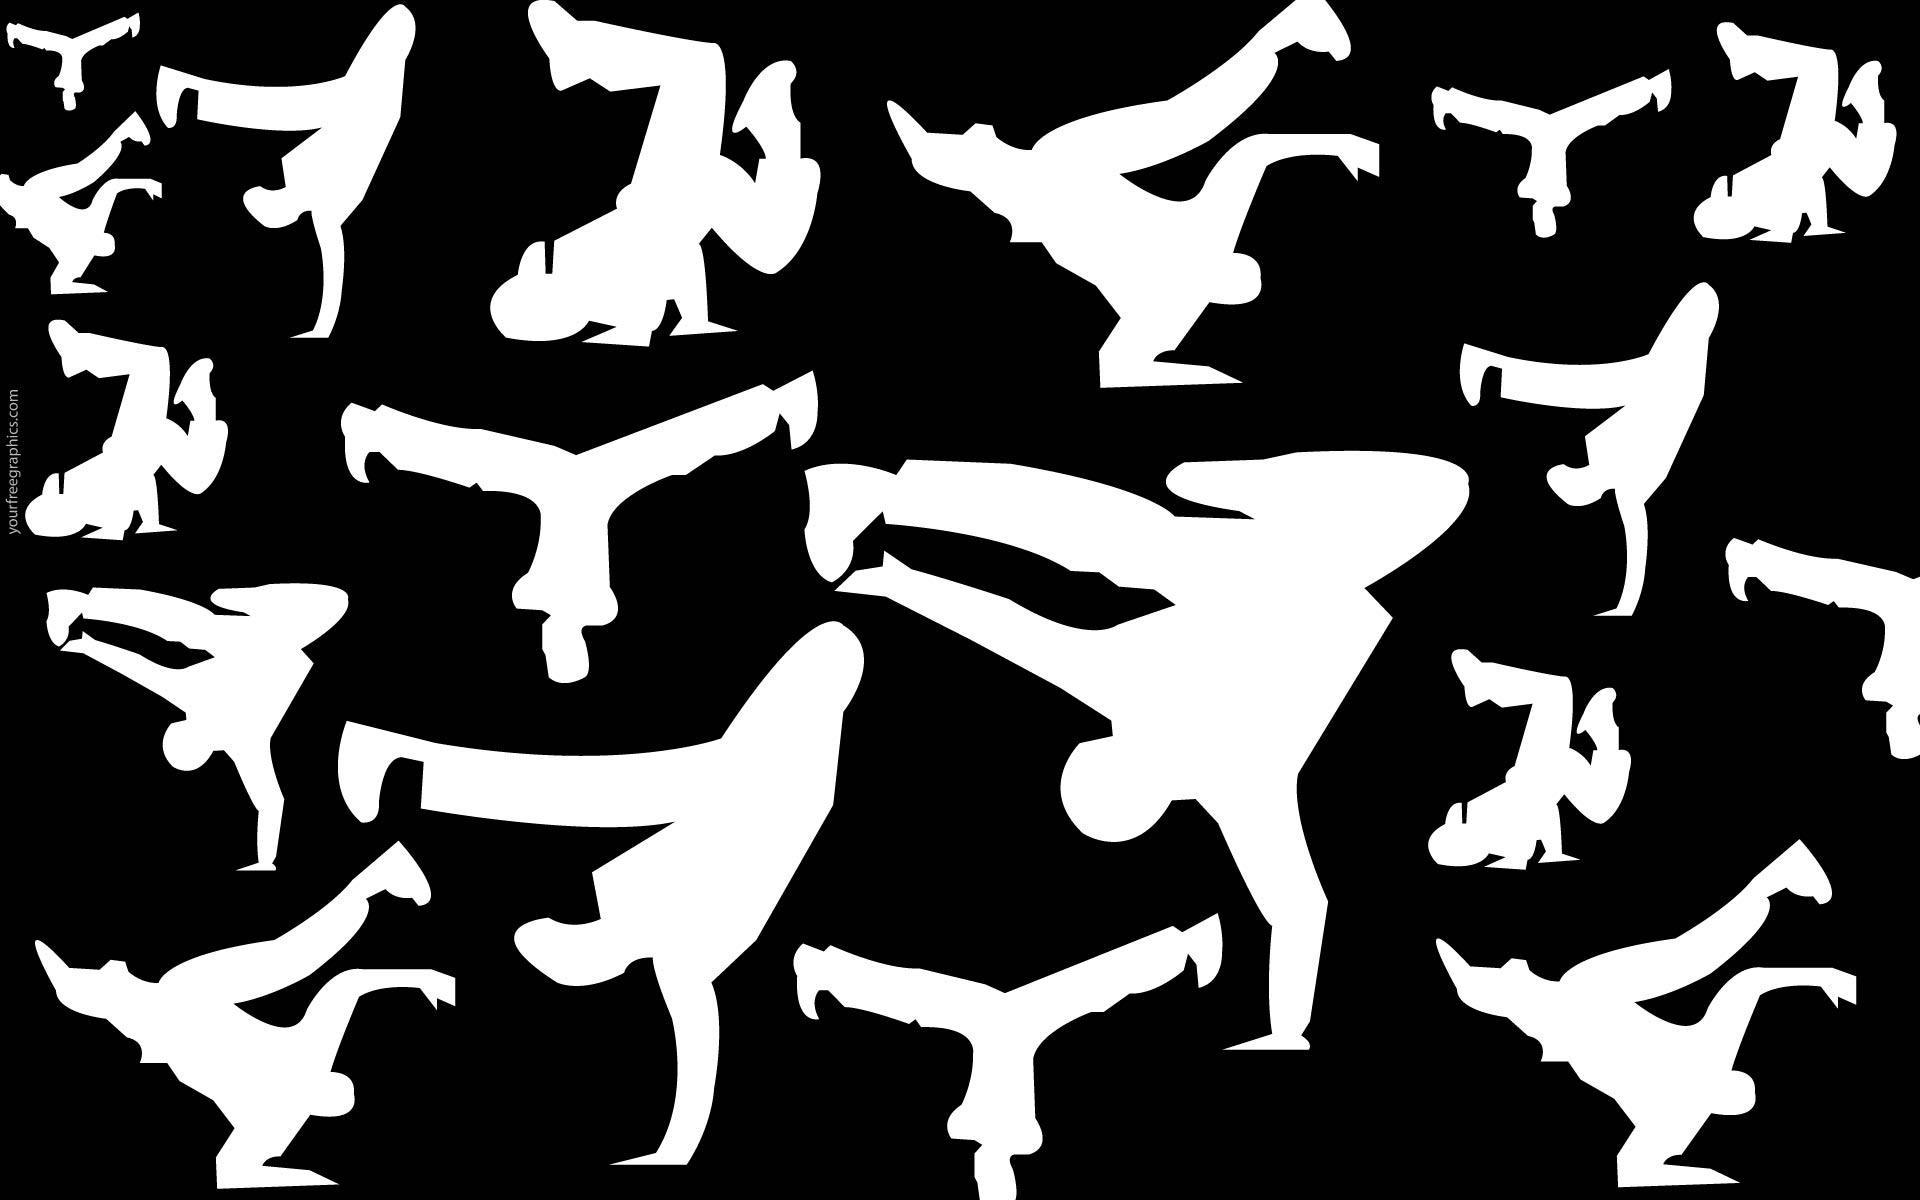 Breakdance Wallpapers – Full HD wallpaper search